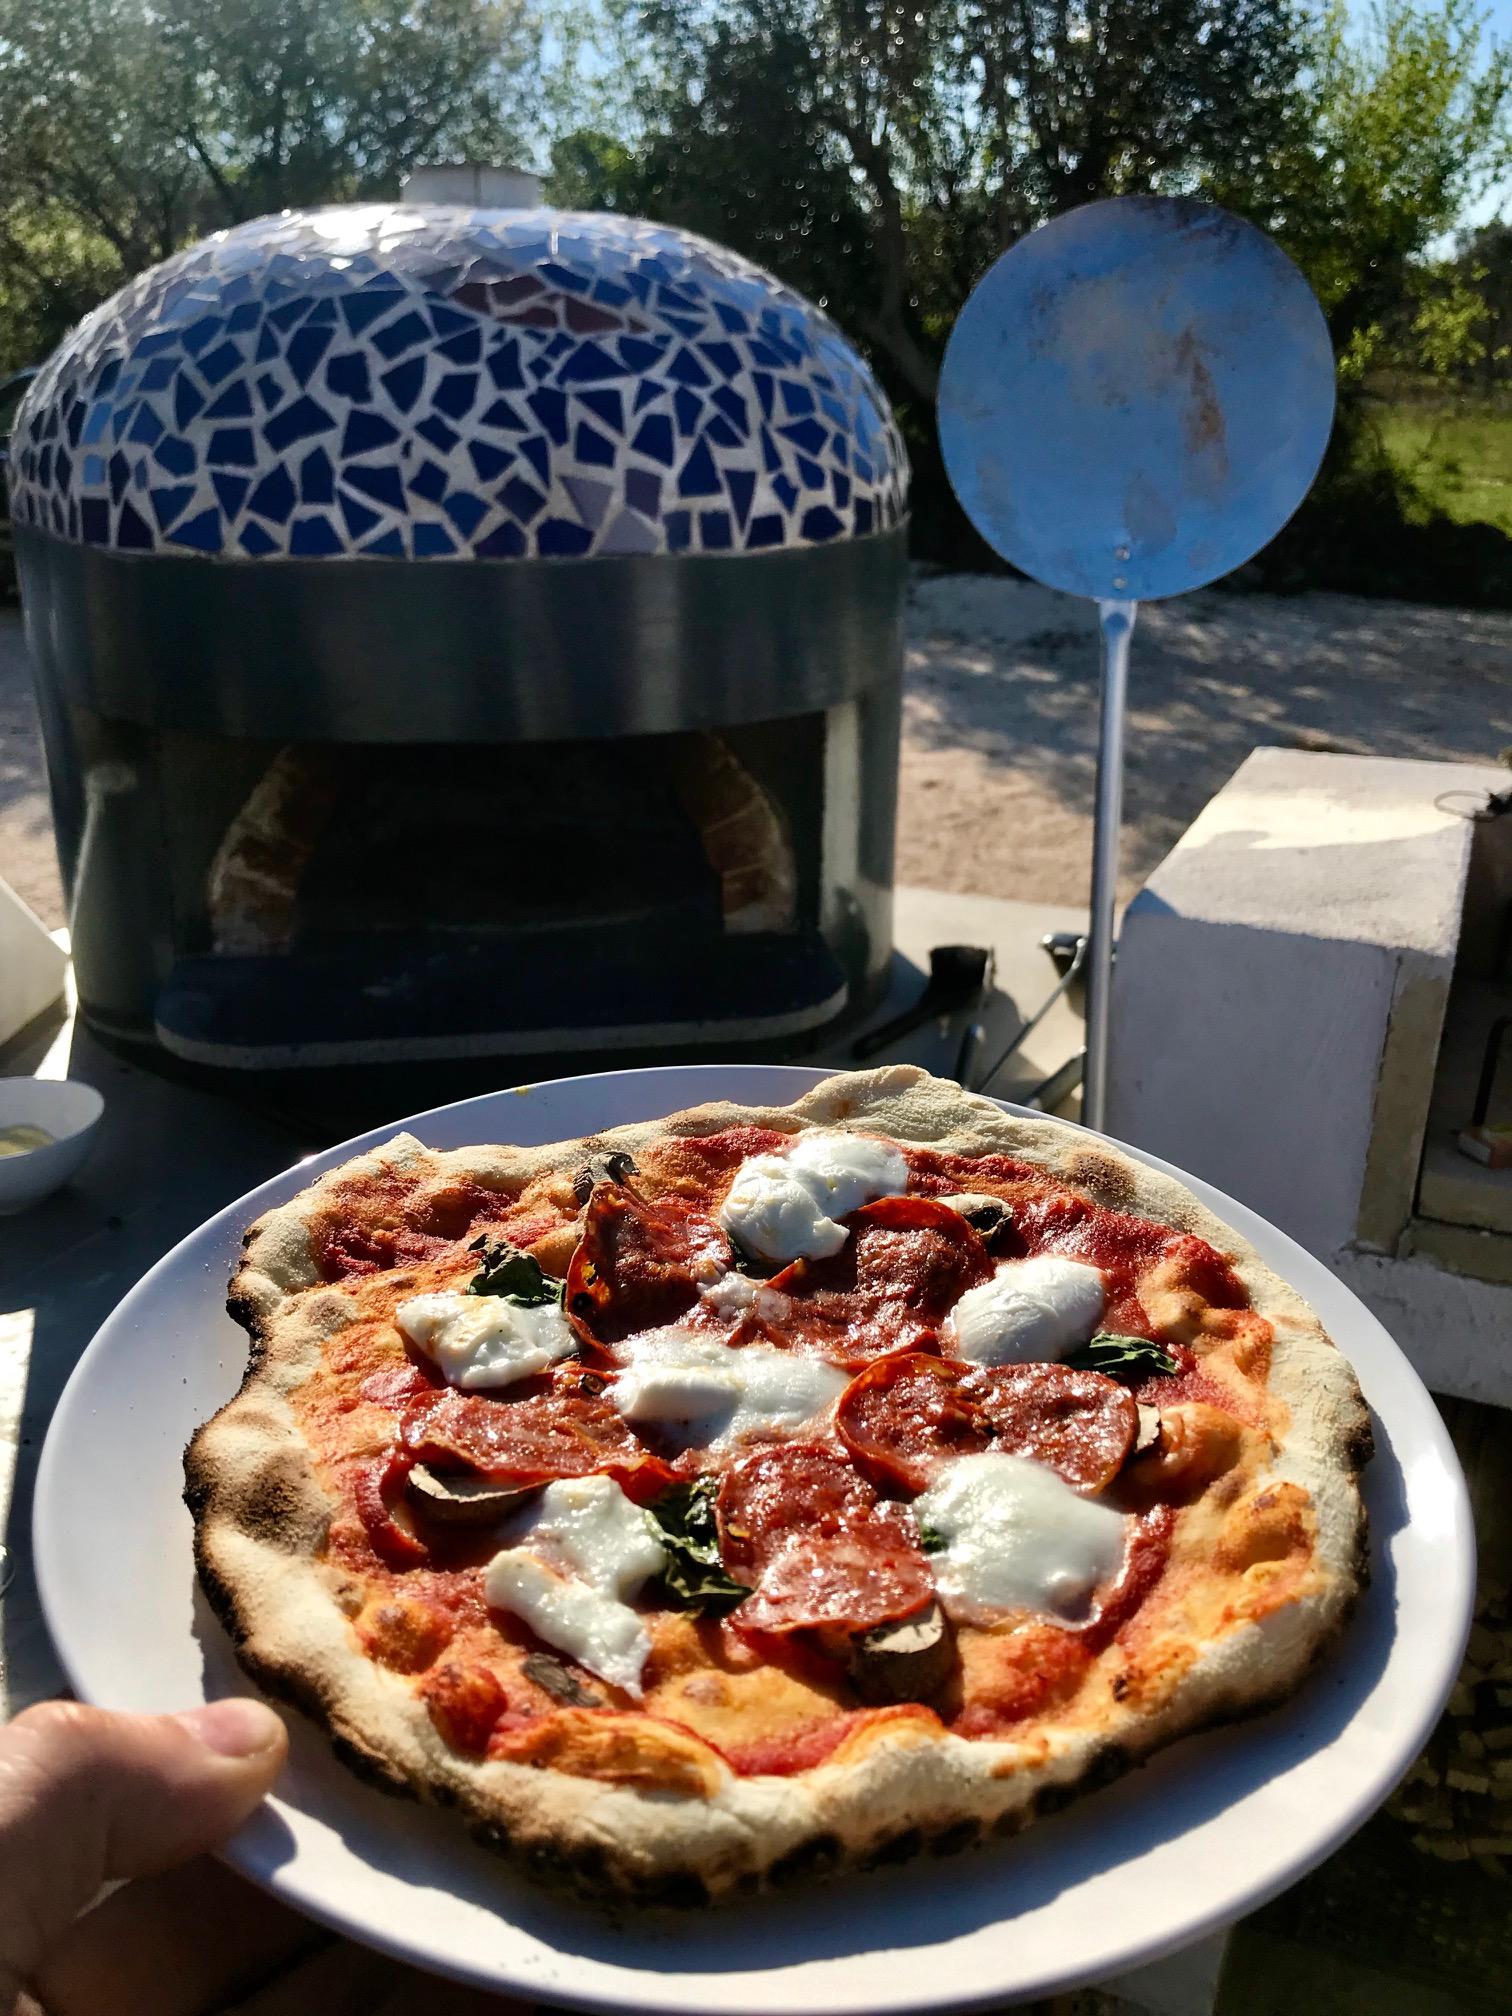 Four à pizza au bois